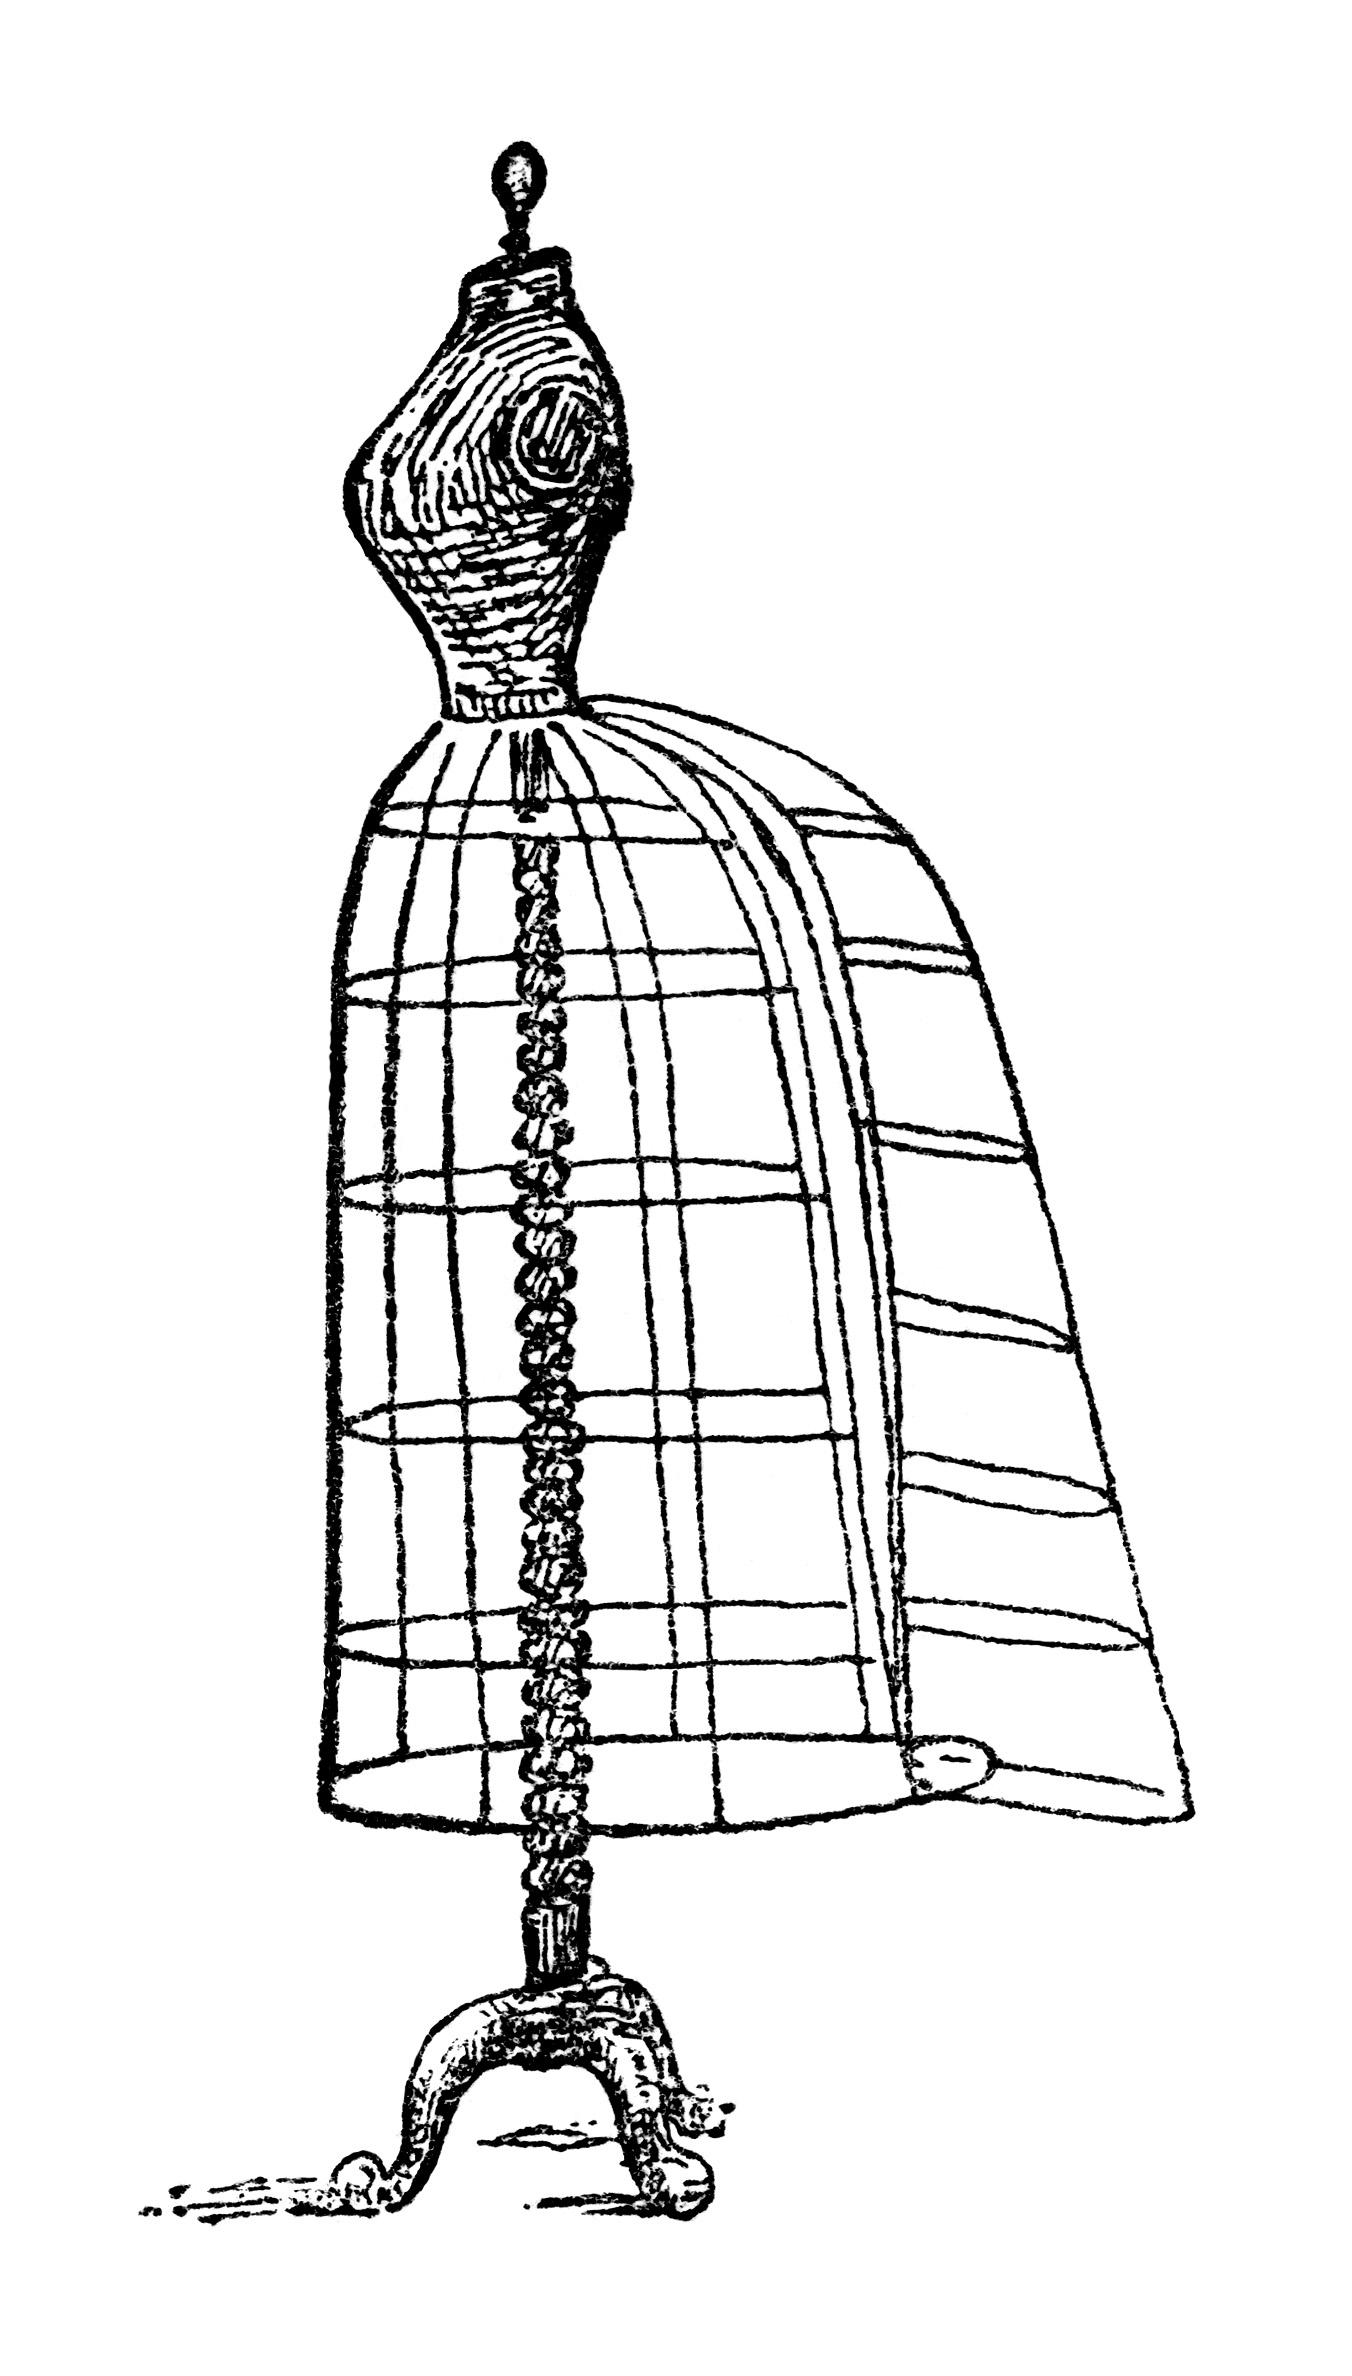 vintage dresses clipart - photo #32